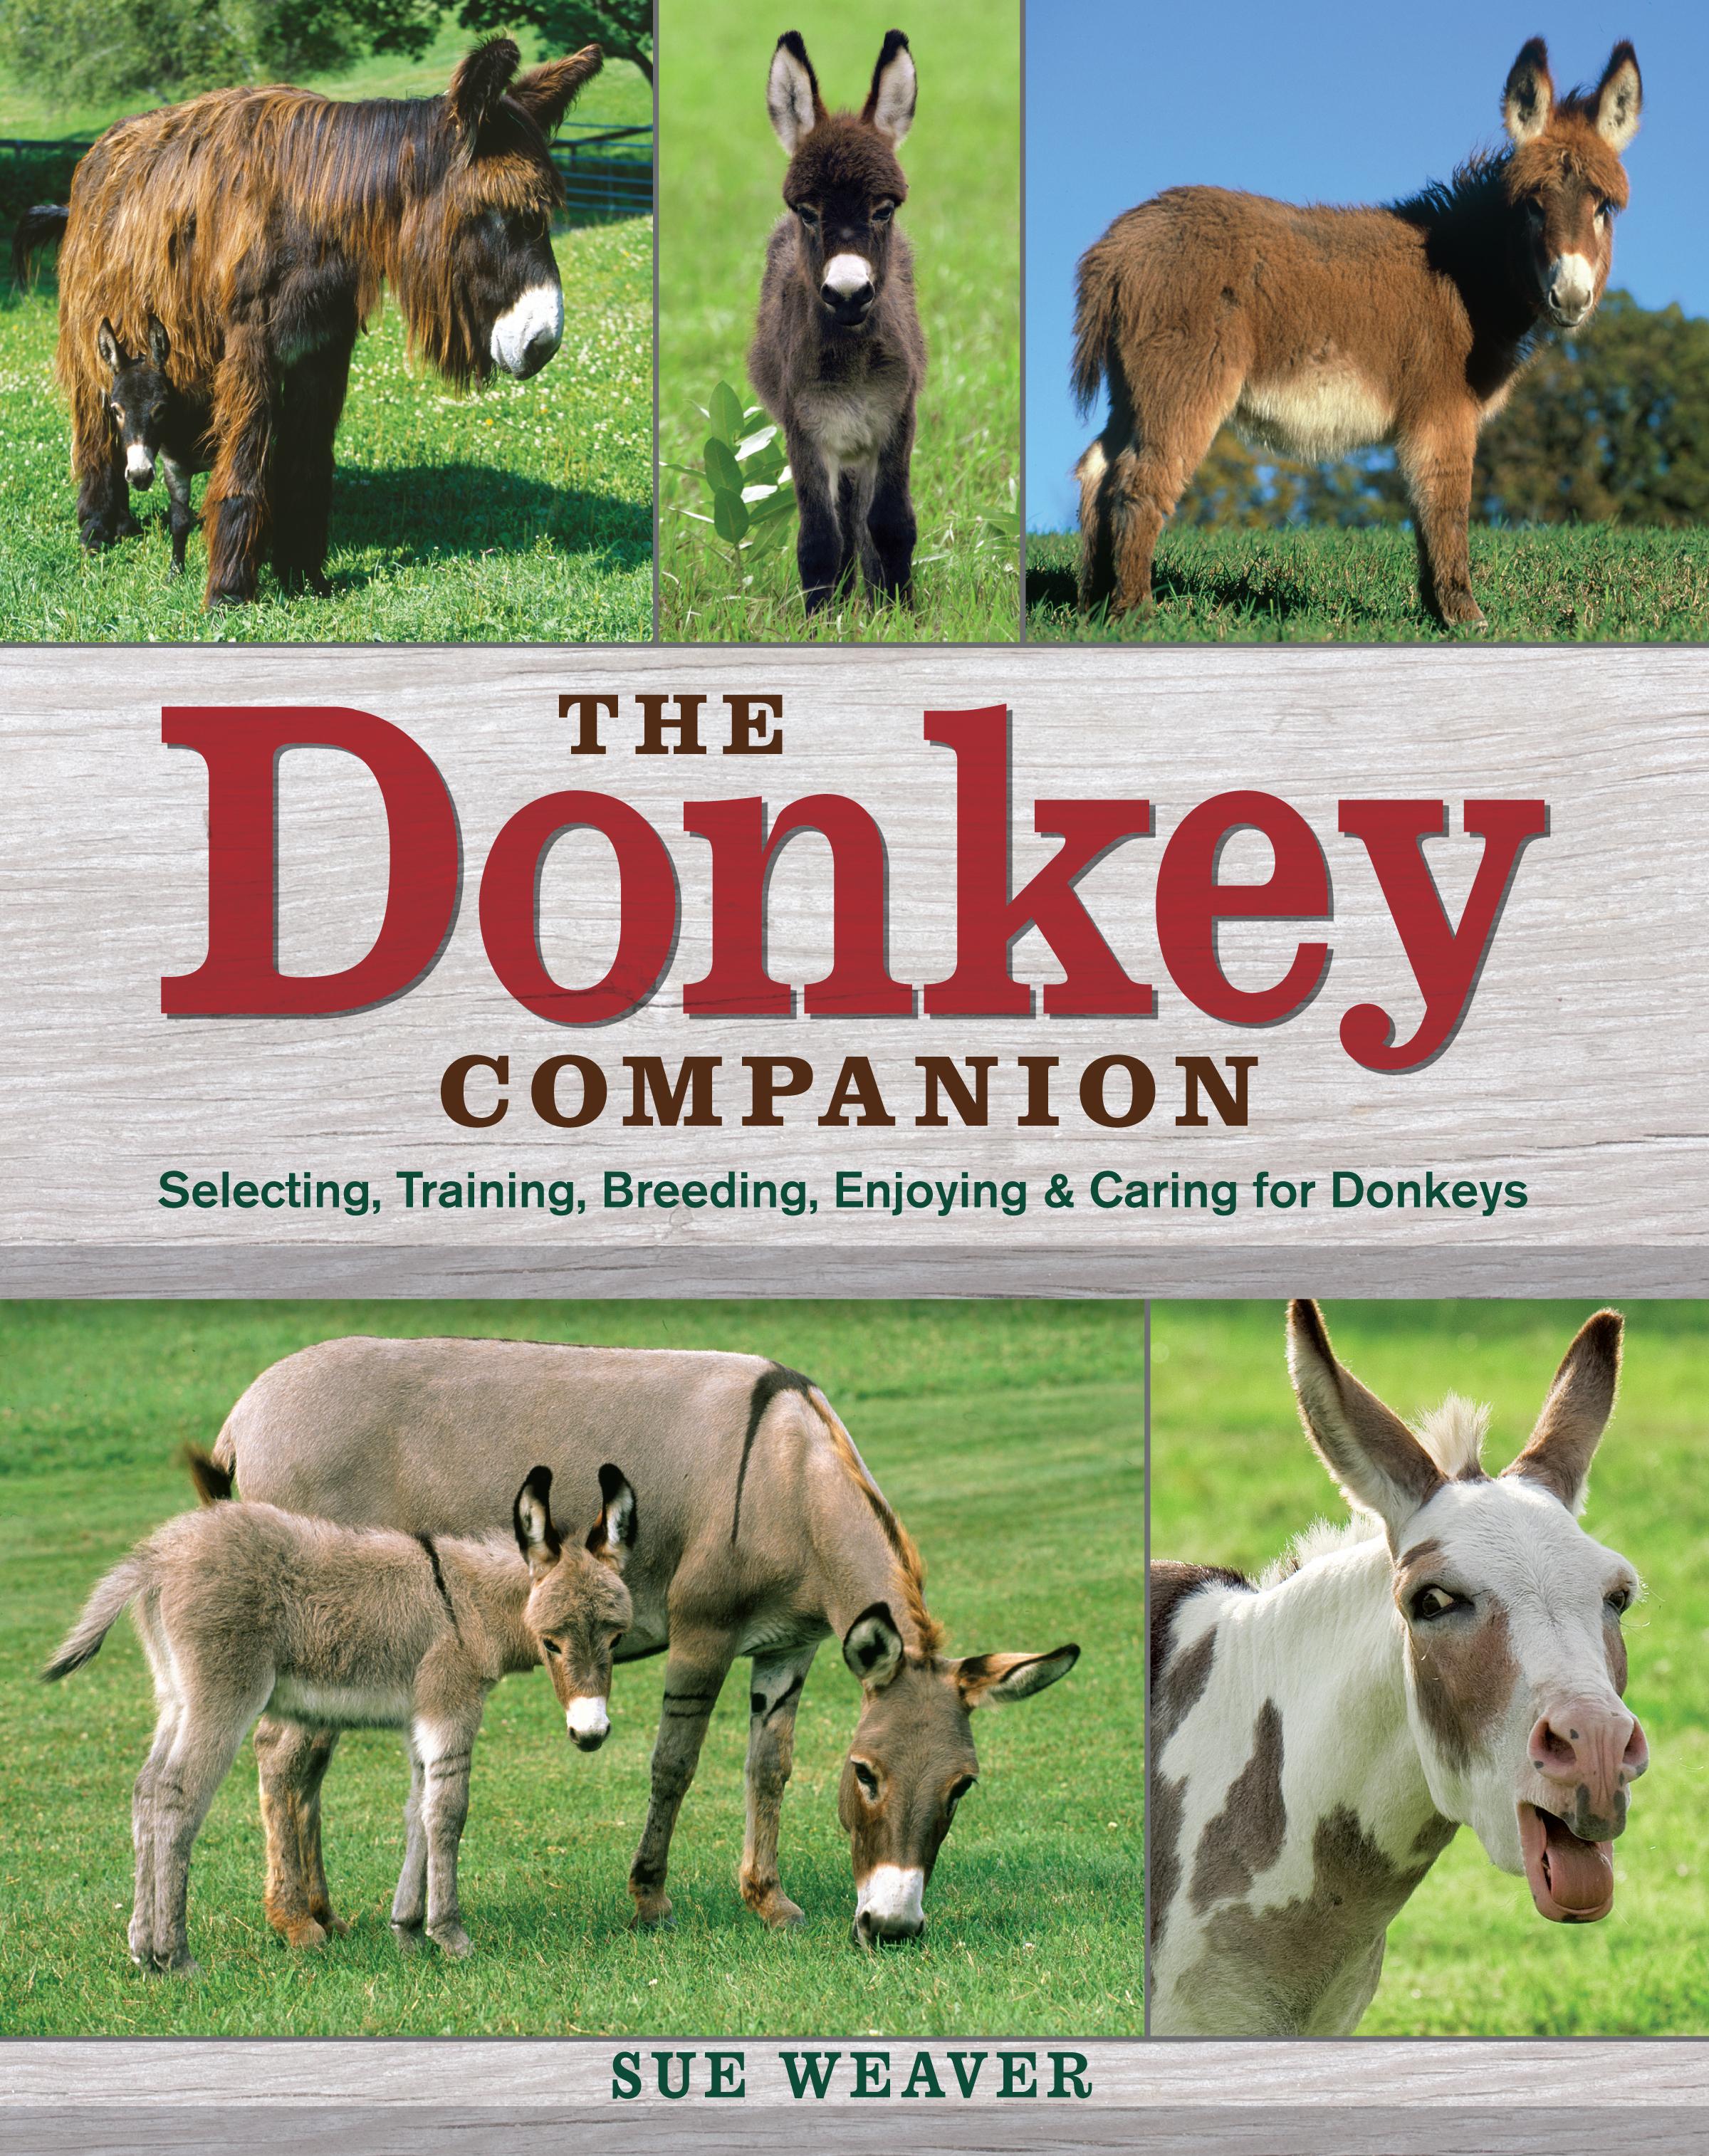 The Donkey Companion Selecting, Training, Breeding, Enjoying & Caring for Donkeys - Sue Weaver